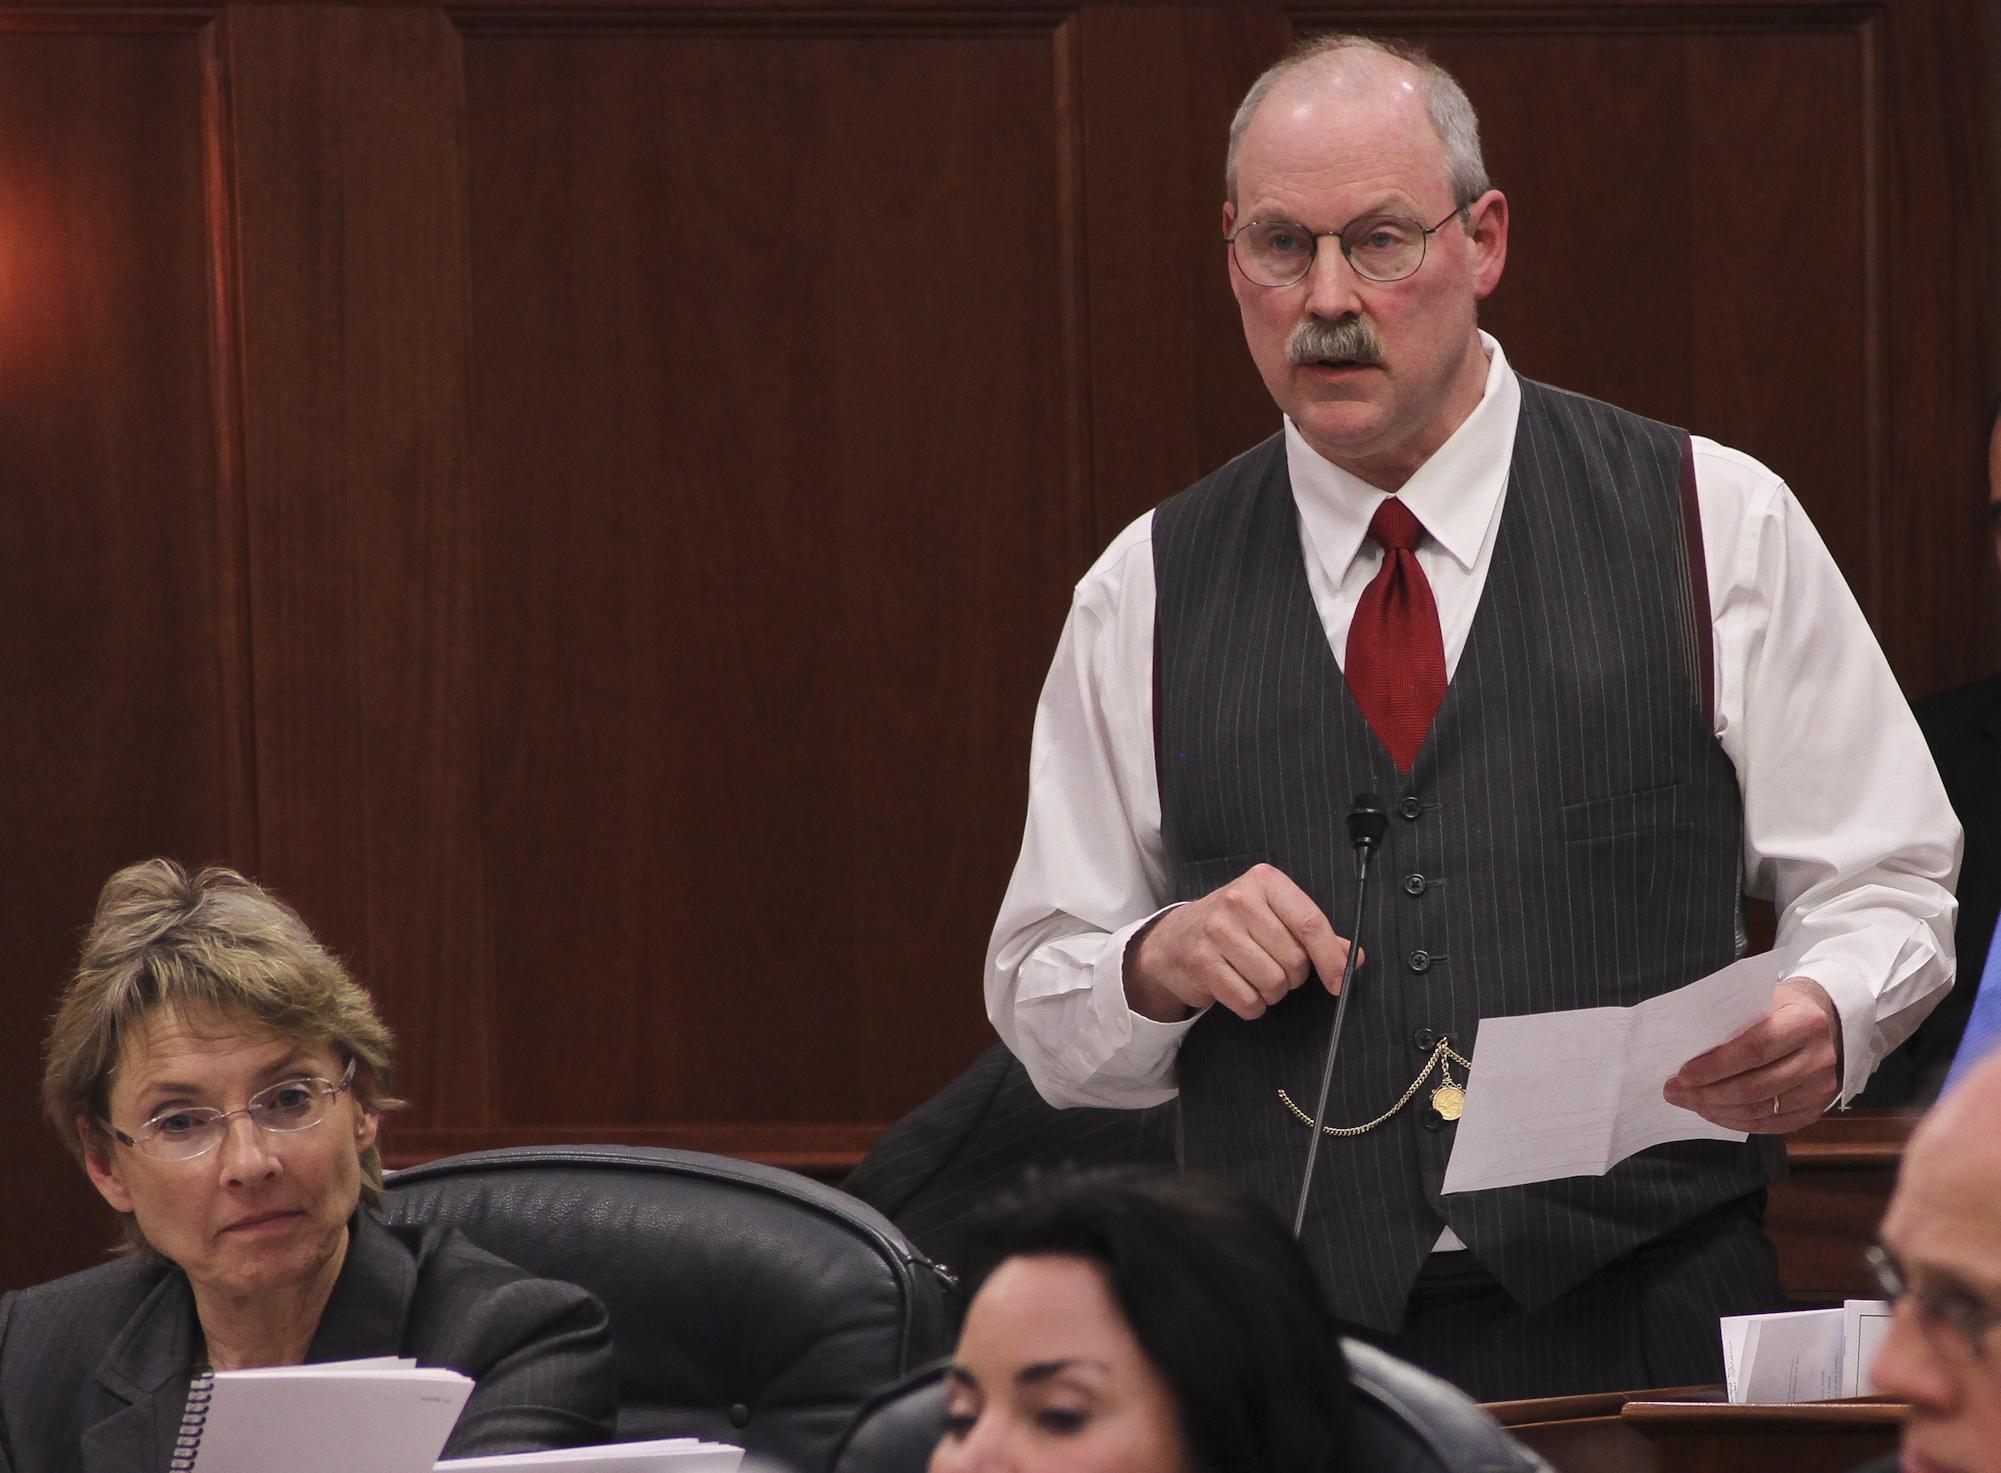 Senator Stedman defending the ownership interest of Alaskan's oil by speaking against SB 21 on the Senate floor